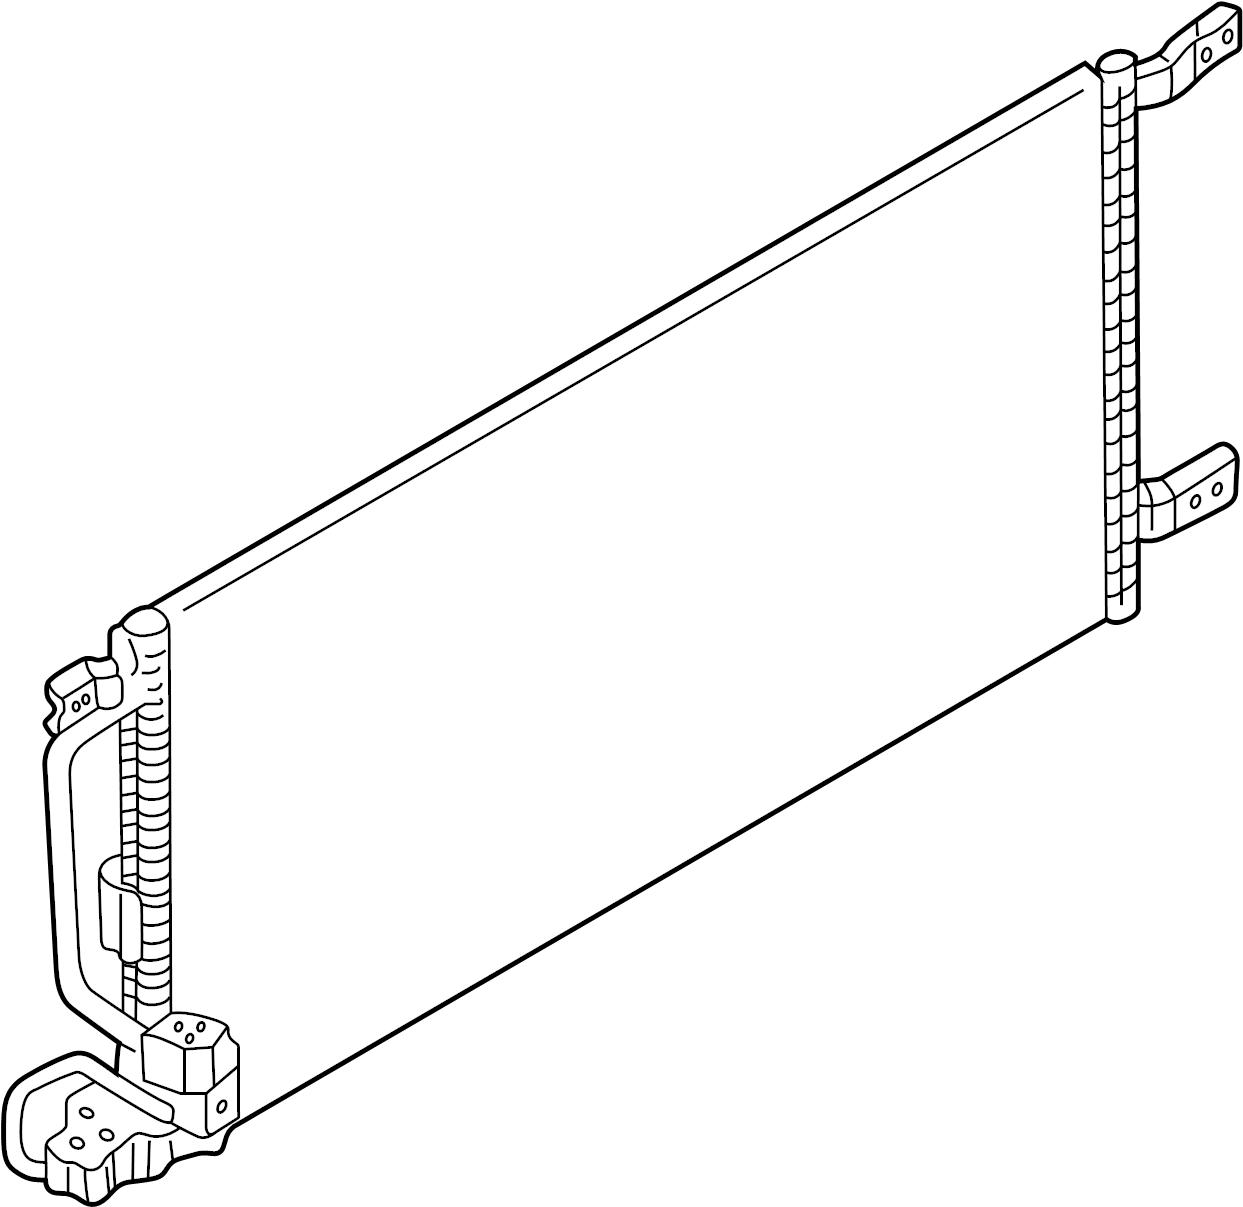 Chevrolet Venture A/c condenser. Condenser, air